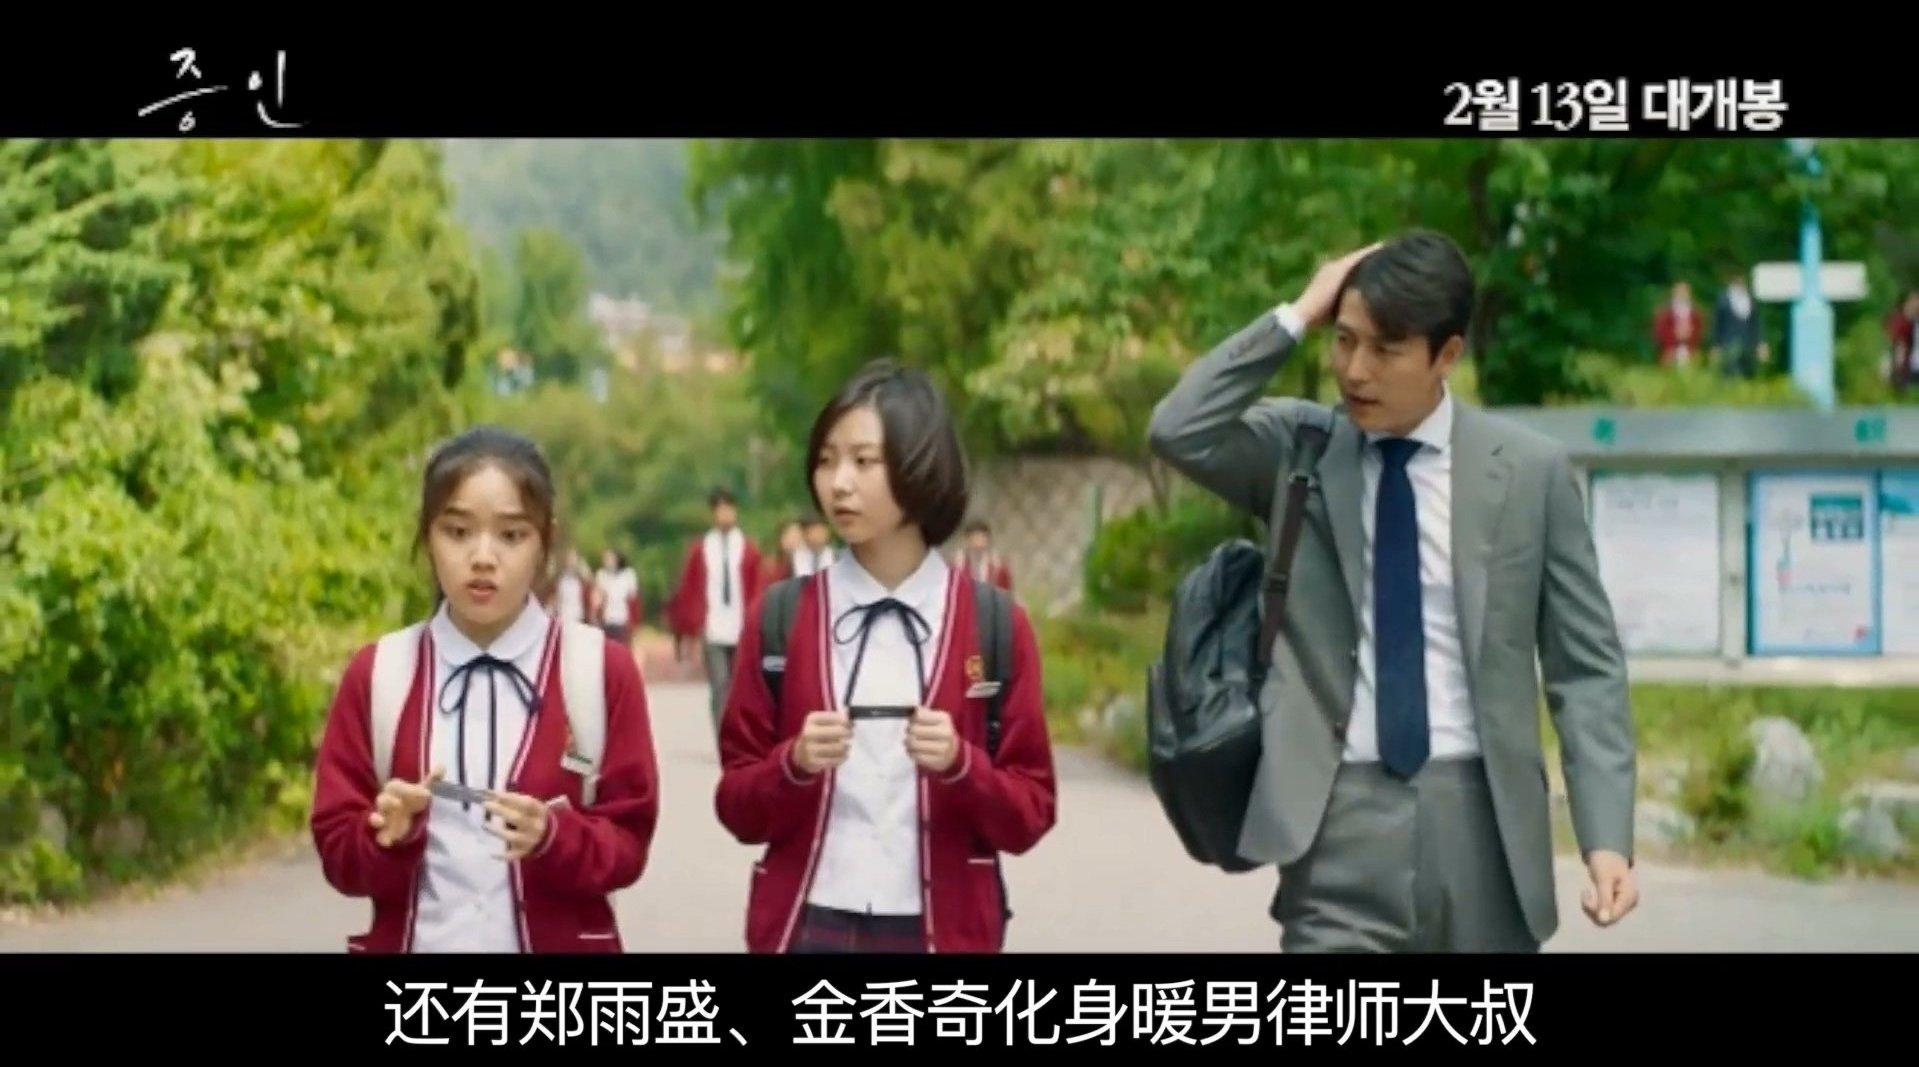 """电影狐CB:七片上新 """"郭美香""""手撕曹政奭 金南佶严智苑PK丧尸"""